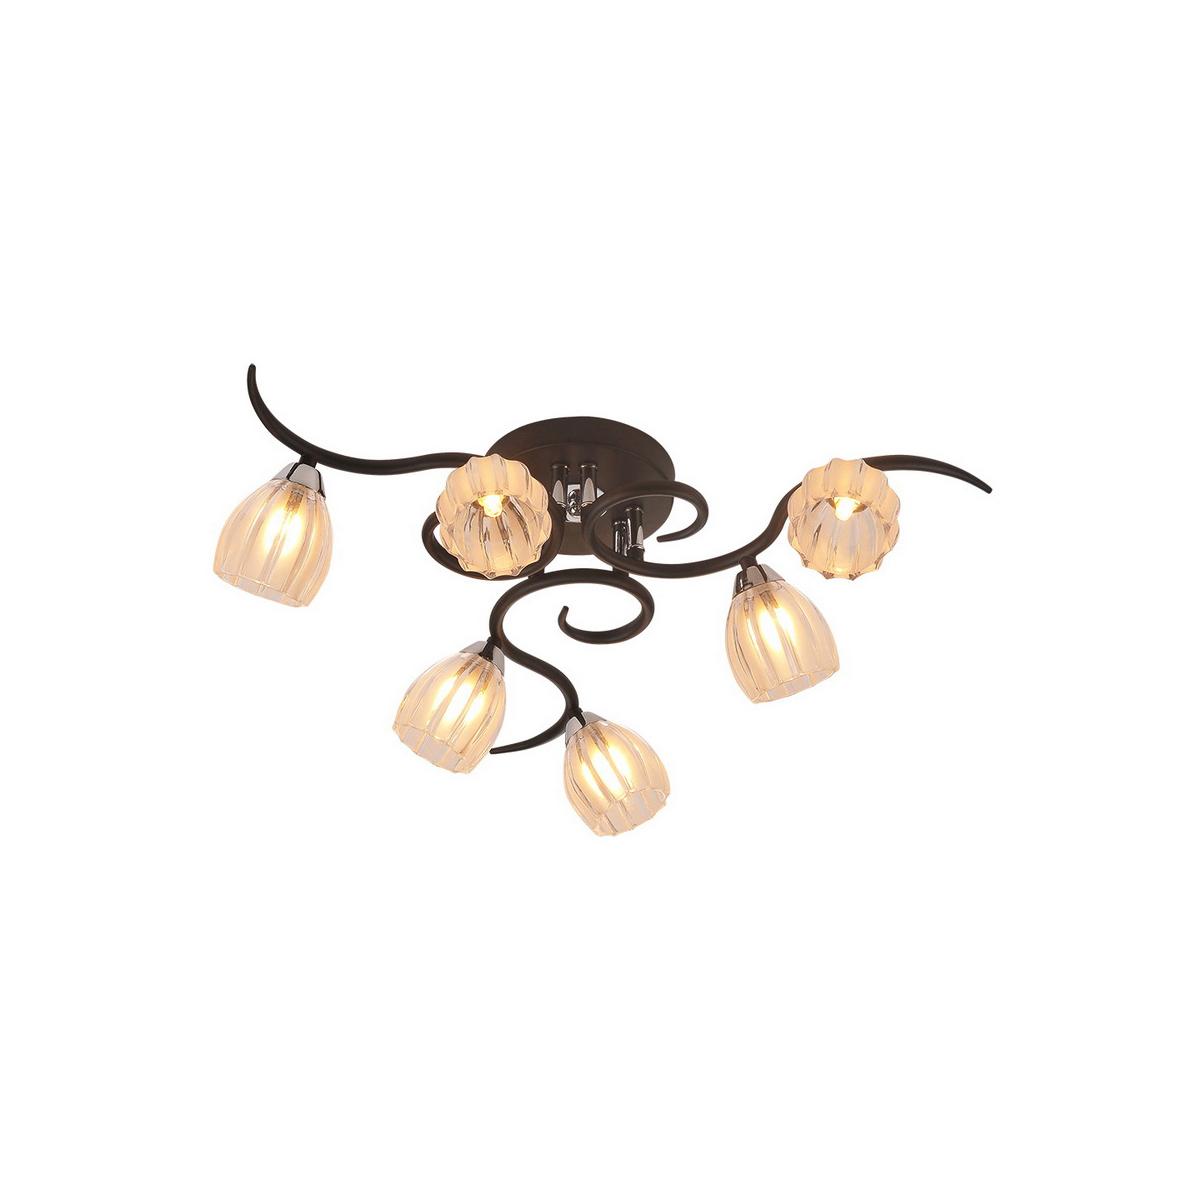 Люстра потолочная RaymondЛюстры потолочные<br>&amp;lt;div&amp;gt;Лампочки не входят в комплект люстры.<br>Люстра поставляется в разобранном виде и имеет в комплекте все необходимые для монтажа крепежные элементы.&amp;lt;/div&amp;gt;&amp;lt;div&amp;gt;&amp;lt;br&amp;gt;&amp;lt;/div&amp;gt;&amp;lt;div&amp;gt;&amp;lt;span style=&amp;quot;line-height: 24.9999px;&amp;quot;&amp;gt;Вид цоколя: G9&amp;lt;/span&amp;gt;&amp;lt;div style=&amp;quot;line-height: 24.9999px;&amp;quot;&amp;gt;Мощность ламп: 40W&amp;lt;/div&amp;gt;&amp;lt;div style=&amp;quot;line-height: 24.9999px;&amp;quot;&amp;gt;Количество ламп: 6&amp;lt;/div&amp;gt;&amp;lt;div style=&amp;quot;line-height: 24.9999px;&amp;quot;&amp;gt;&amp;lt;br&amp;gt;&amp;lt;/div&amp;gt;&amp;lt;/div&amp;gt;<br><br>Material: Металл<br>Height см: 20<br>Diameter см: 64